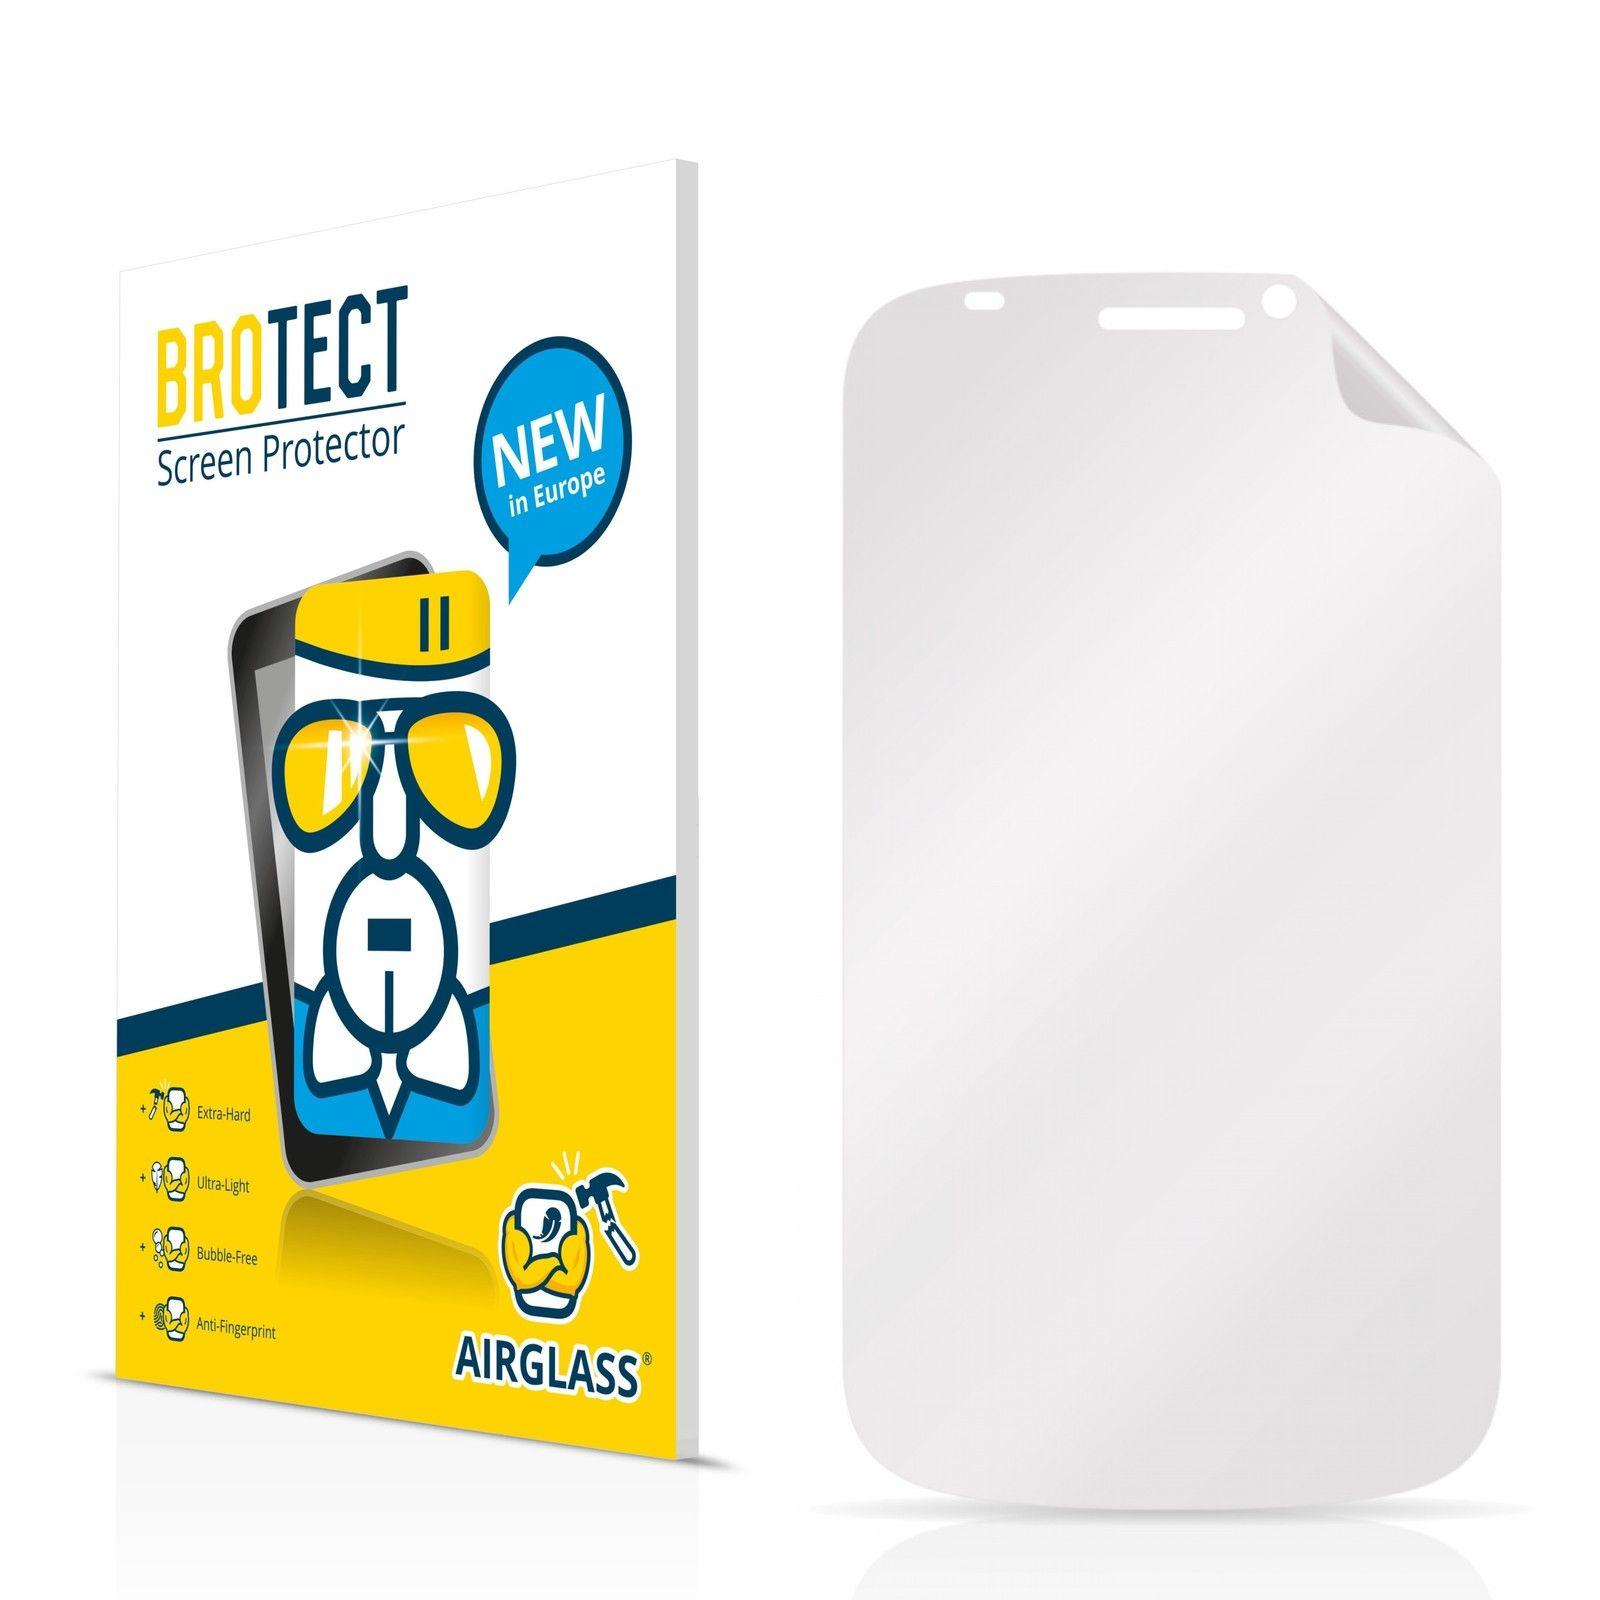 Extra tvrzená ochranná fólie (tvrzené sklo) AirGlass Brotec na LCD pro Prestigio MultiPhone 5000 DUO